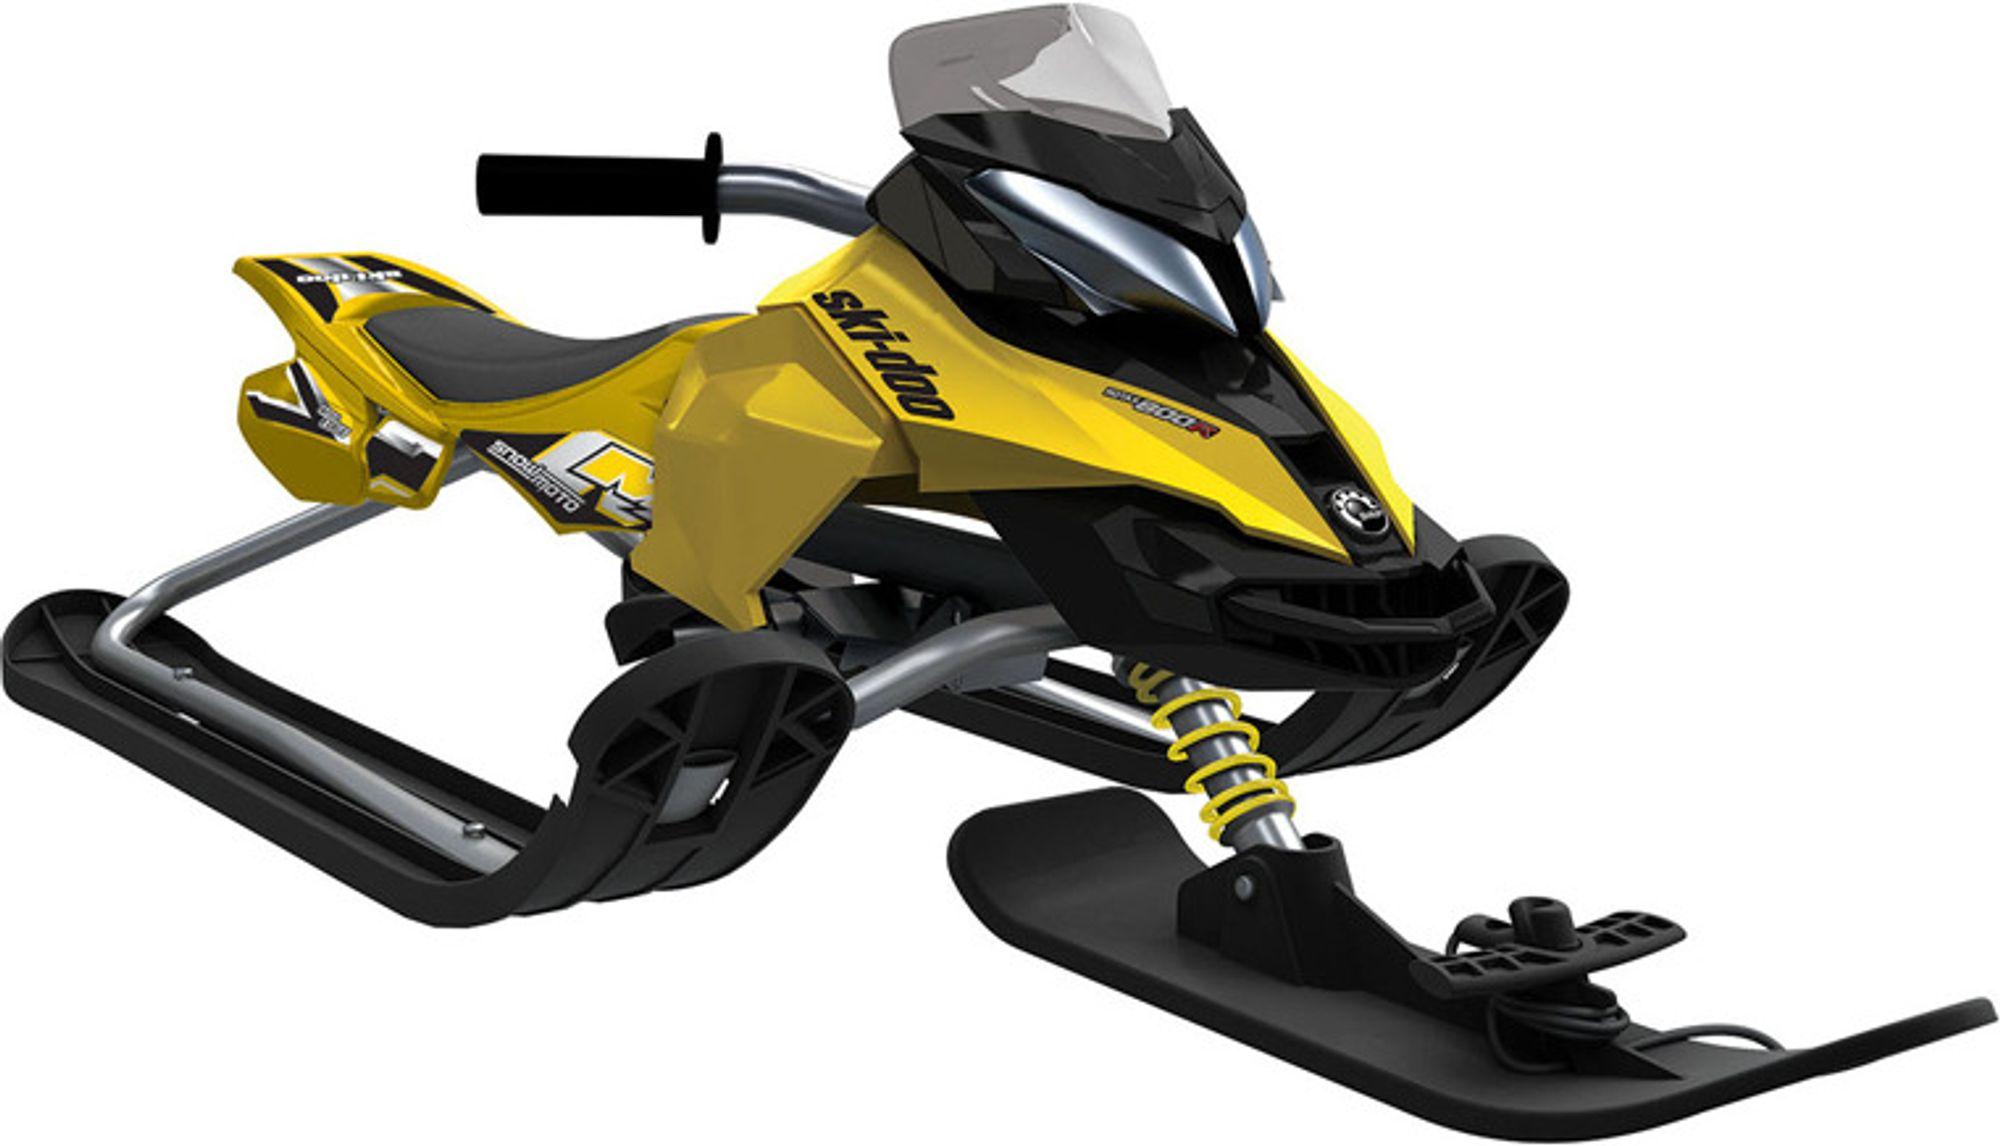 Outer Edge Ski Doo Snow Moto Mxz X Priser Tester Og